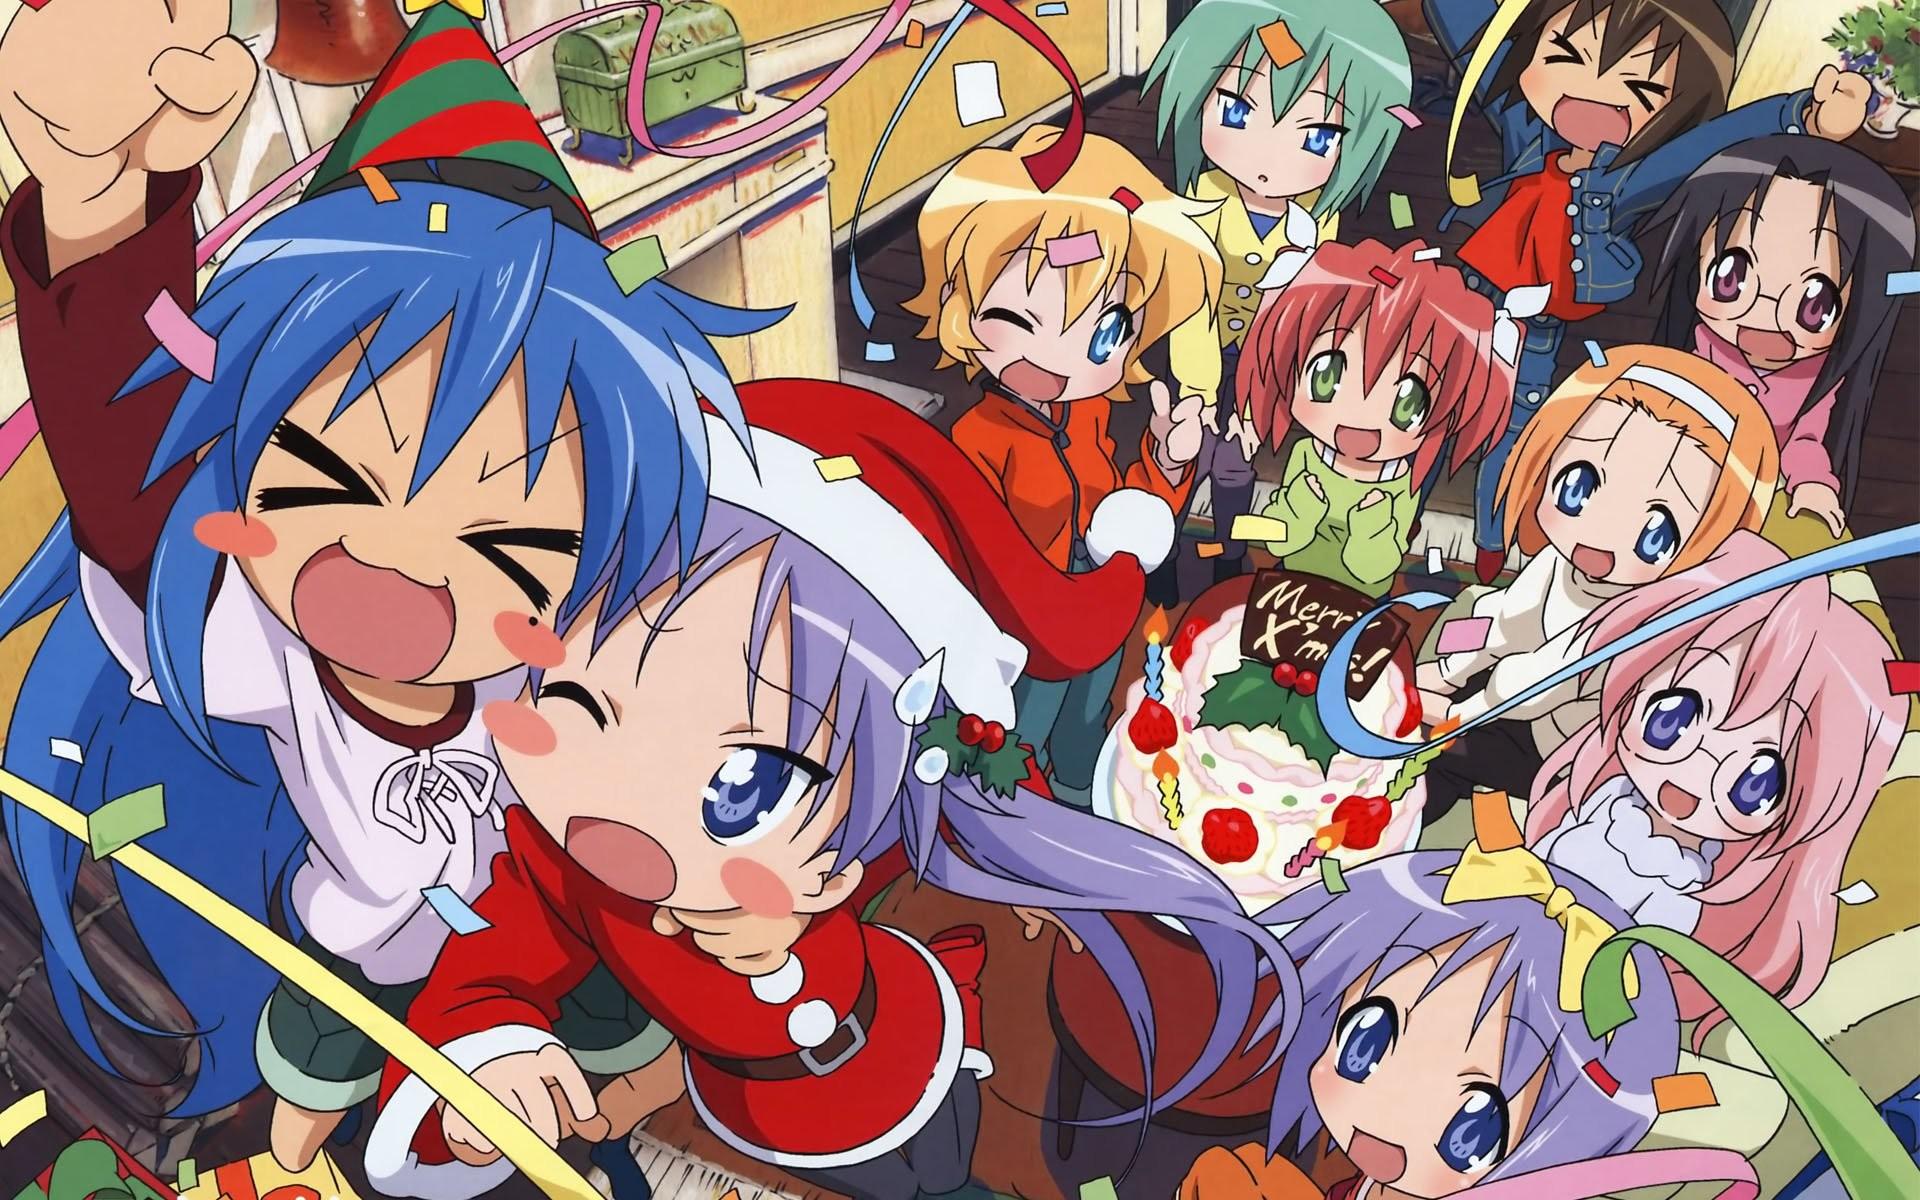 Anime Christmas wallpaper   Anime Christmas   Pinterest   Christmas  wallpaper, Anime and Wallpaper